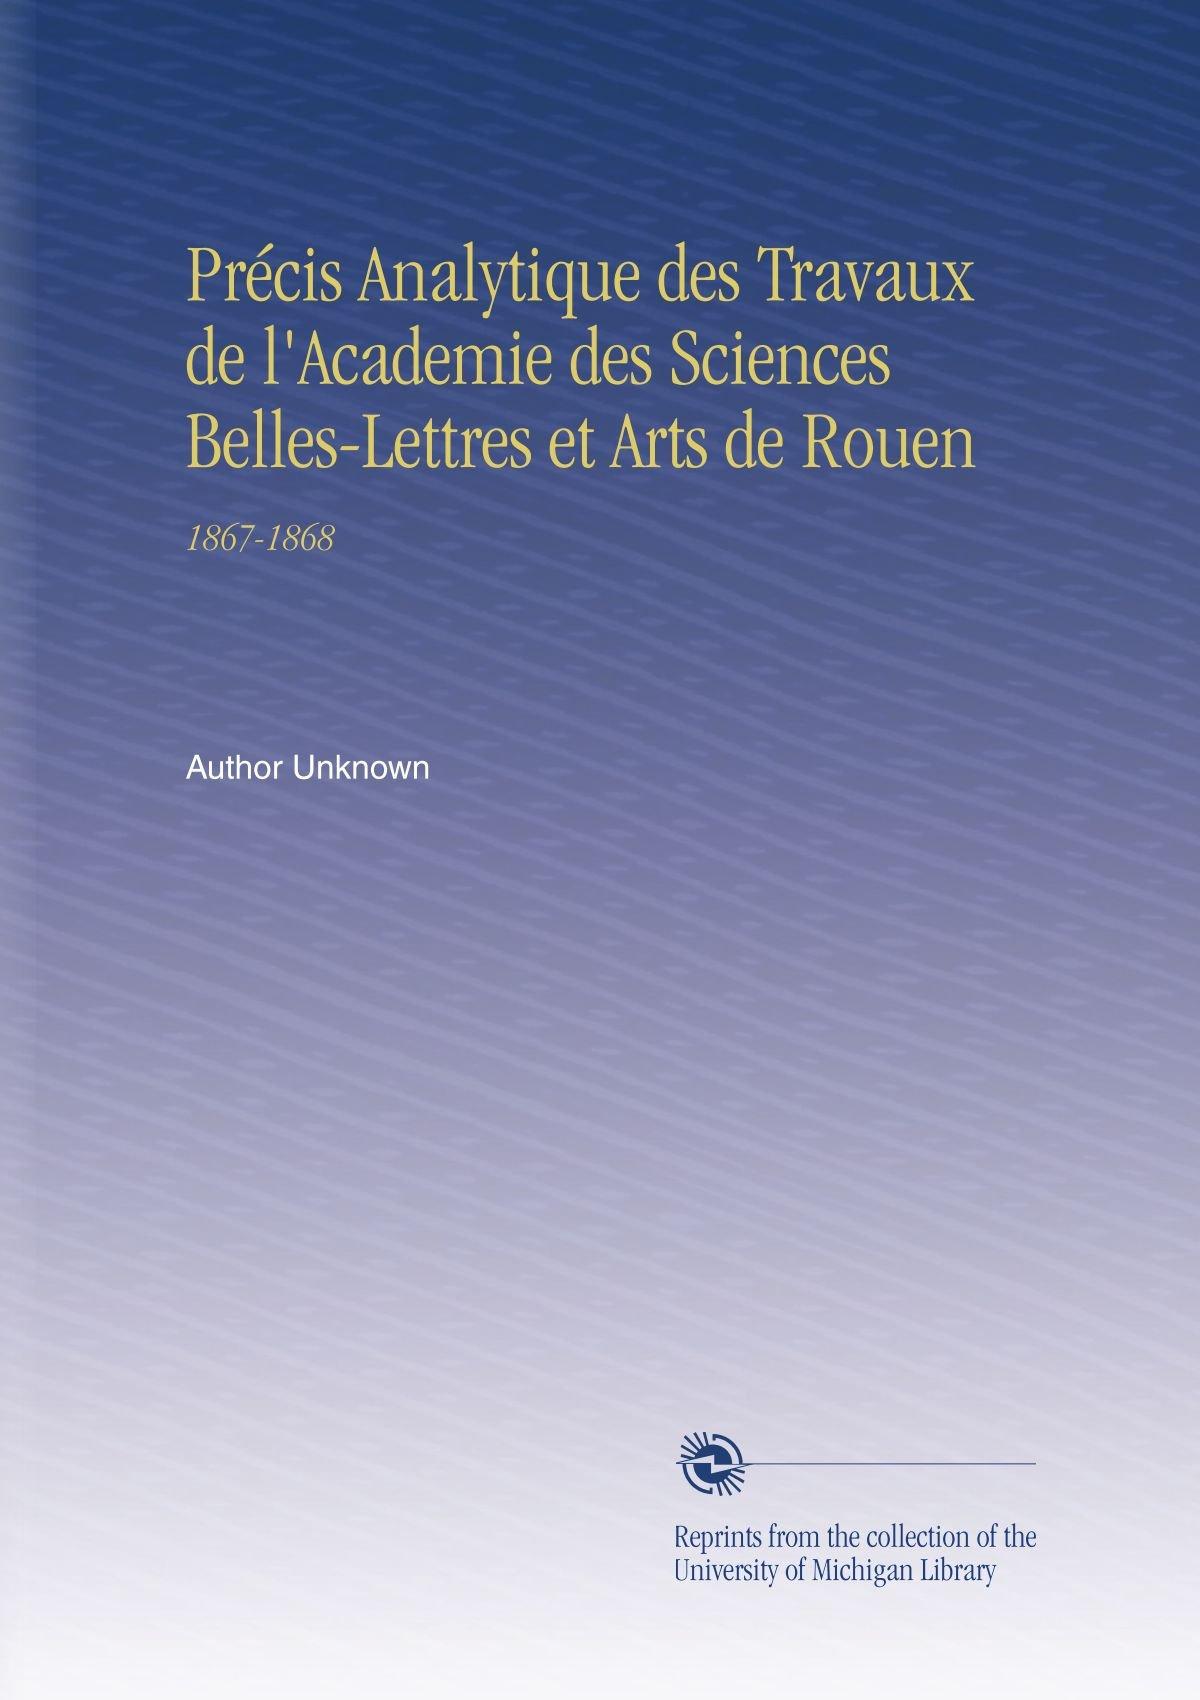 Download Précis Analytique des Travaux de l'Academie des Sciences Belles-Lettres et Arts de Rouen: 1867-1868 (French Edition) PDF